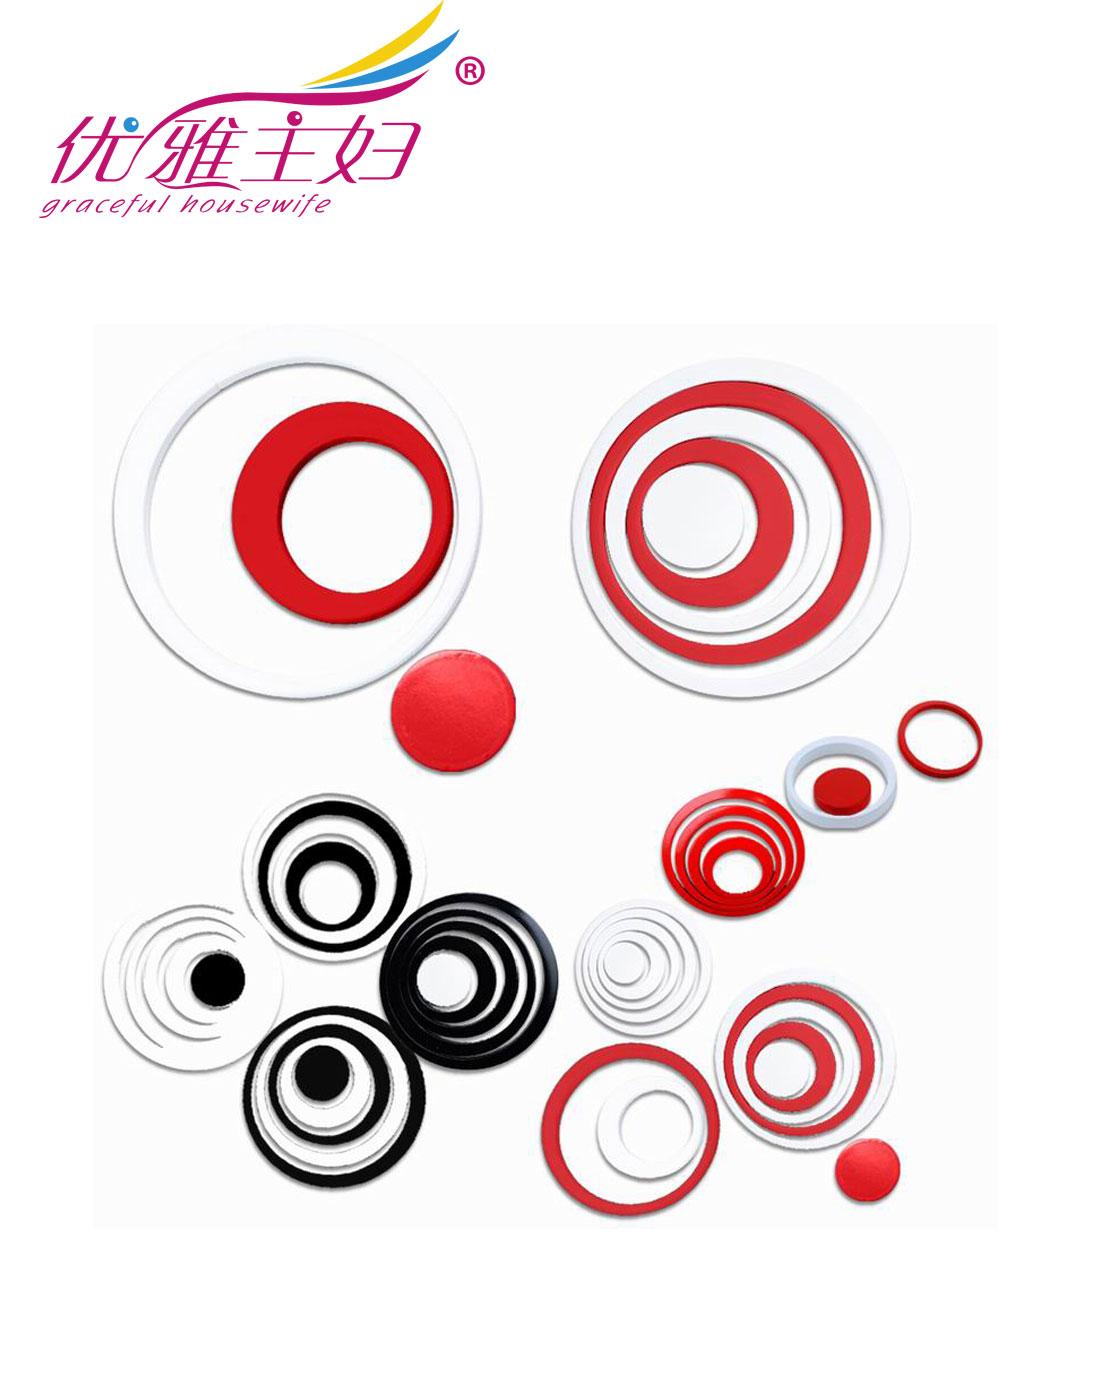 创意圆环立体墙贴(红黑白30个圈)